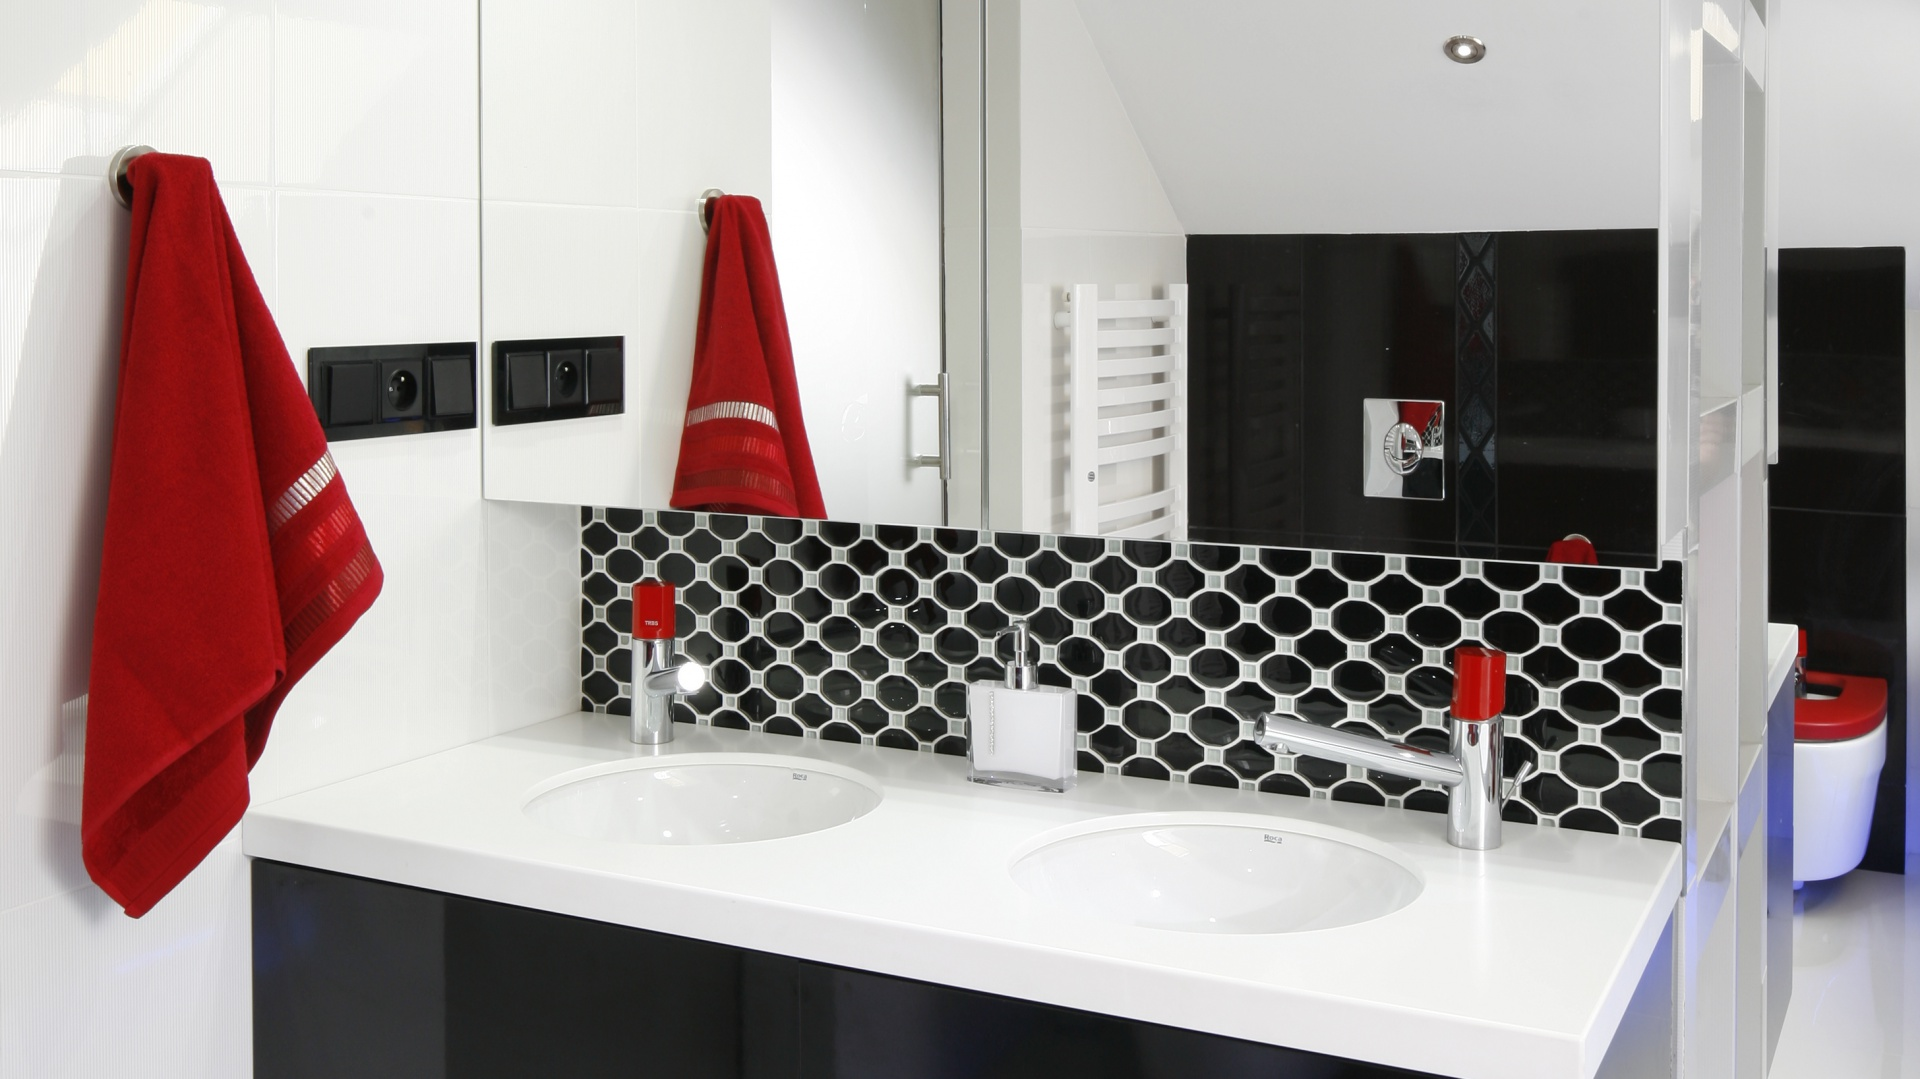 Nowoczesna Biała łazienka Tak Połączysz Ją Z Czerwonym Kolorem